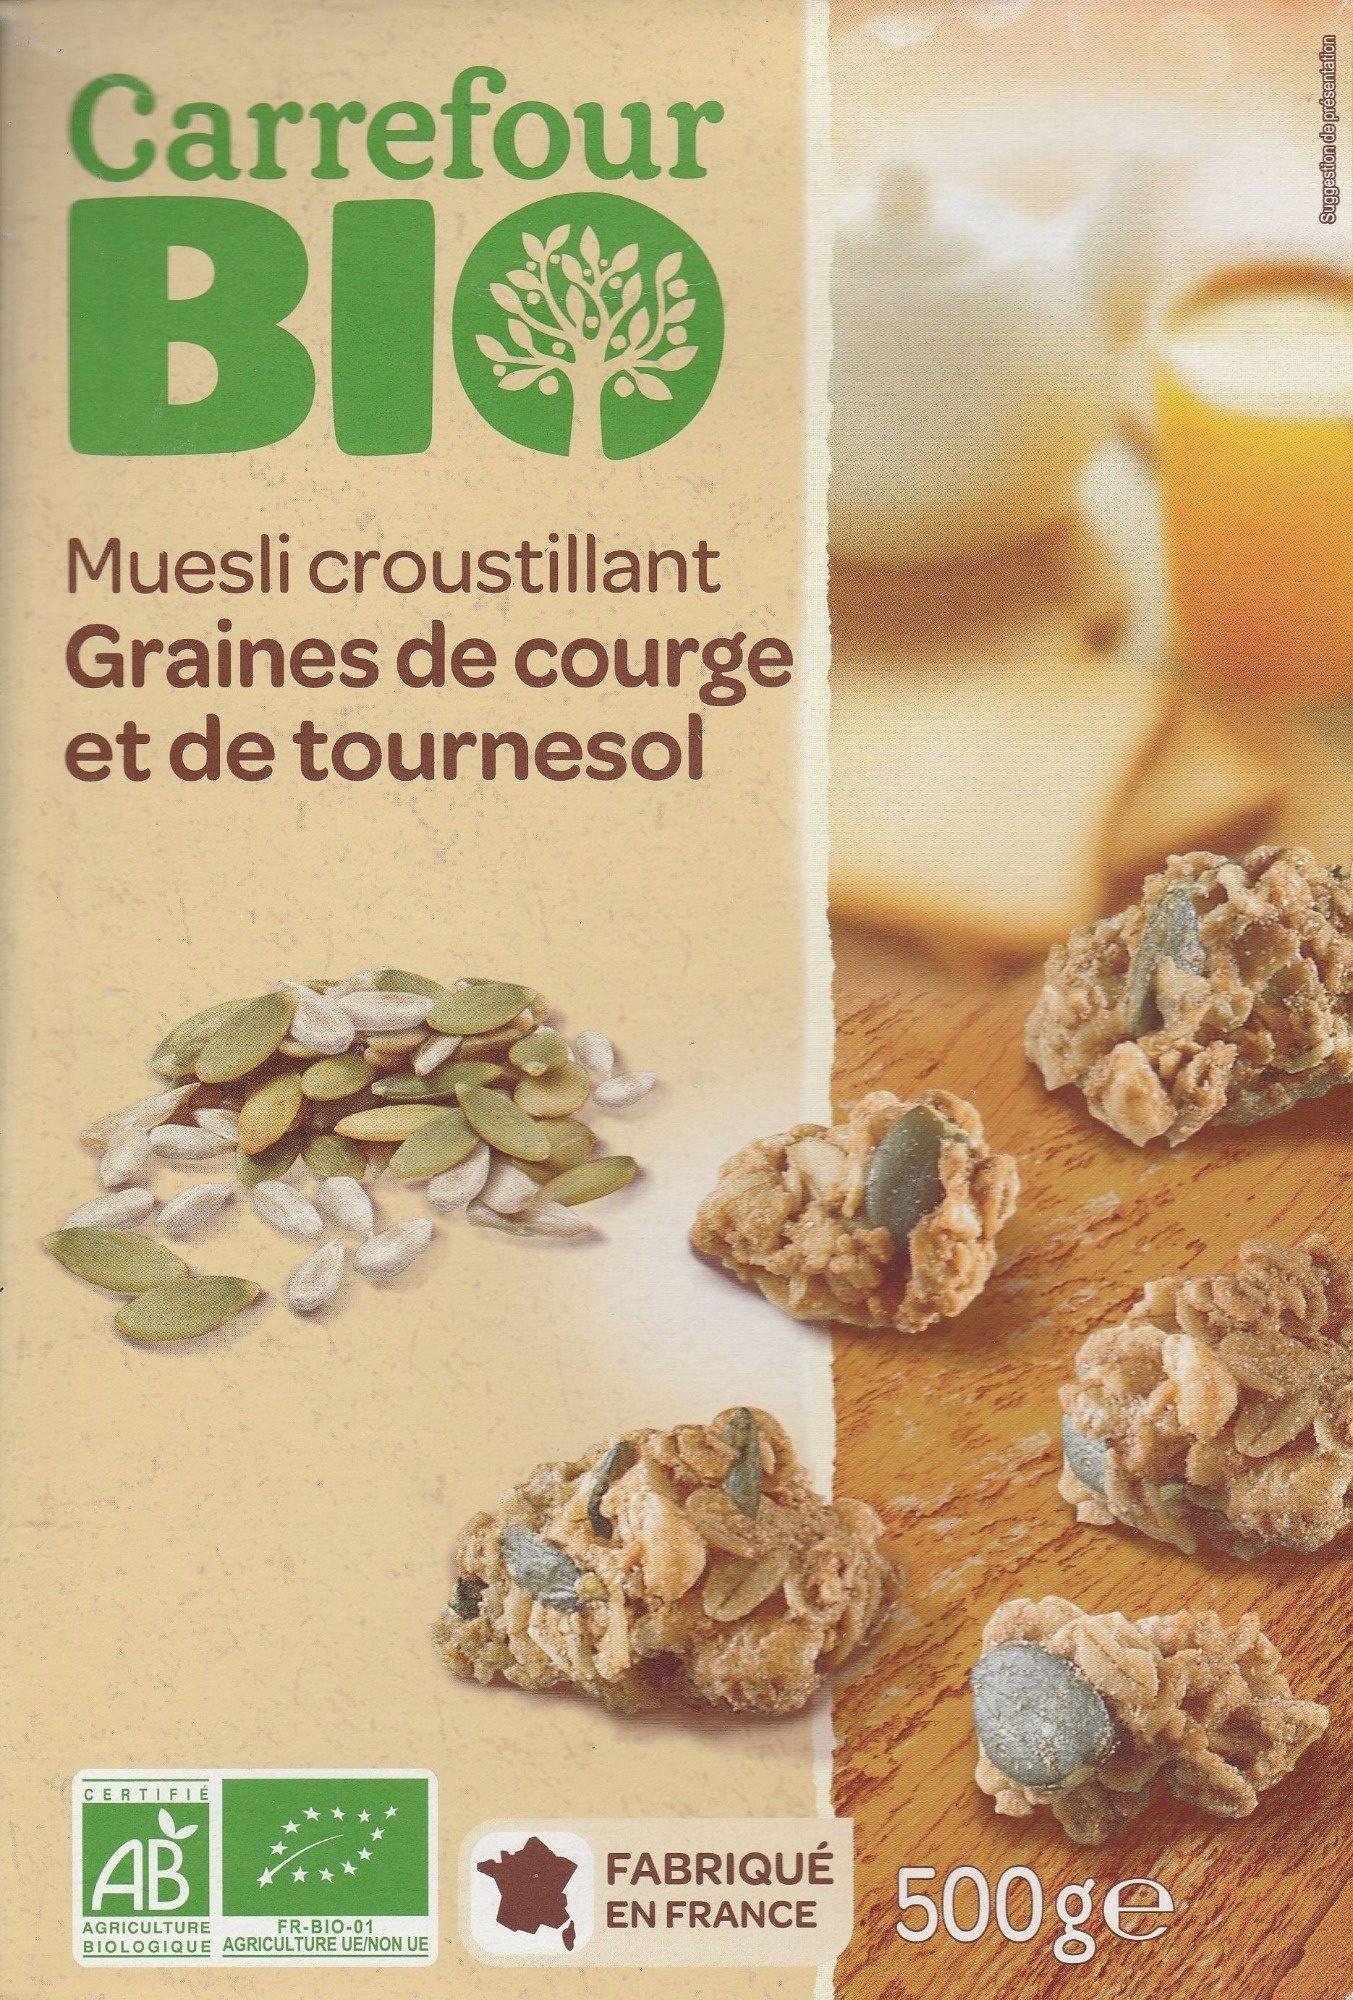 Muesli croustillant Graines de courge et de tournesol - Product